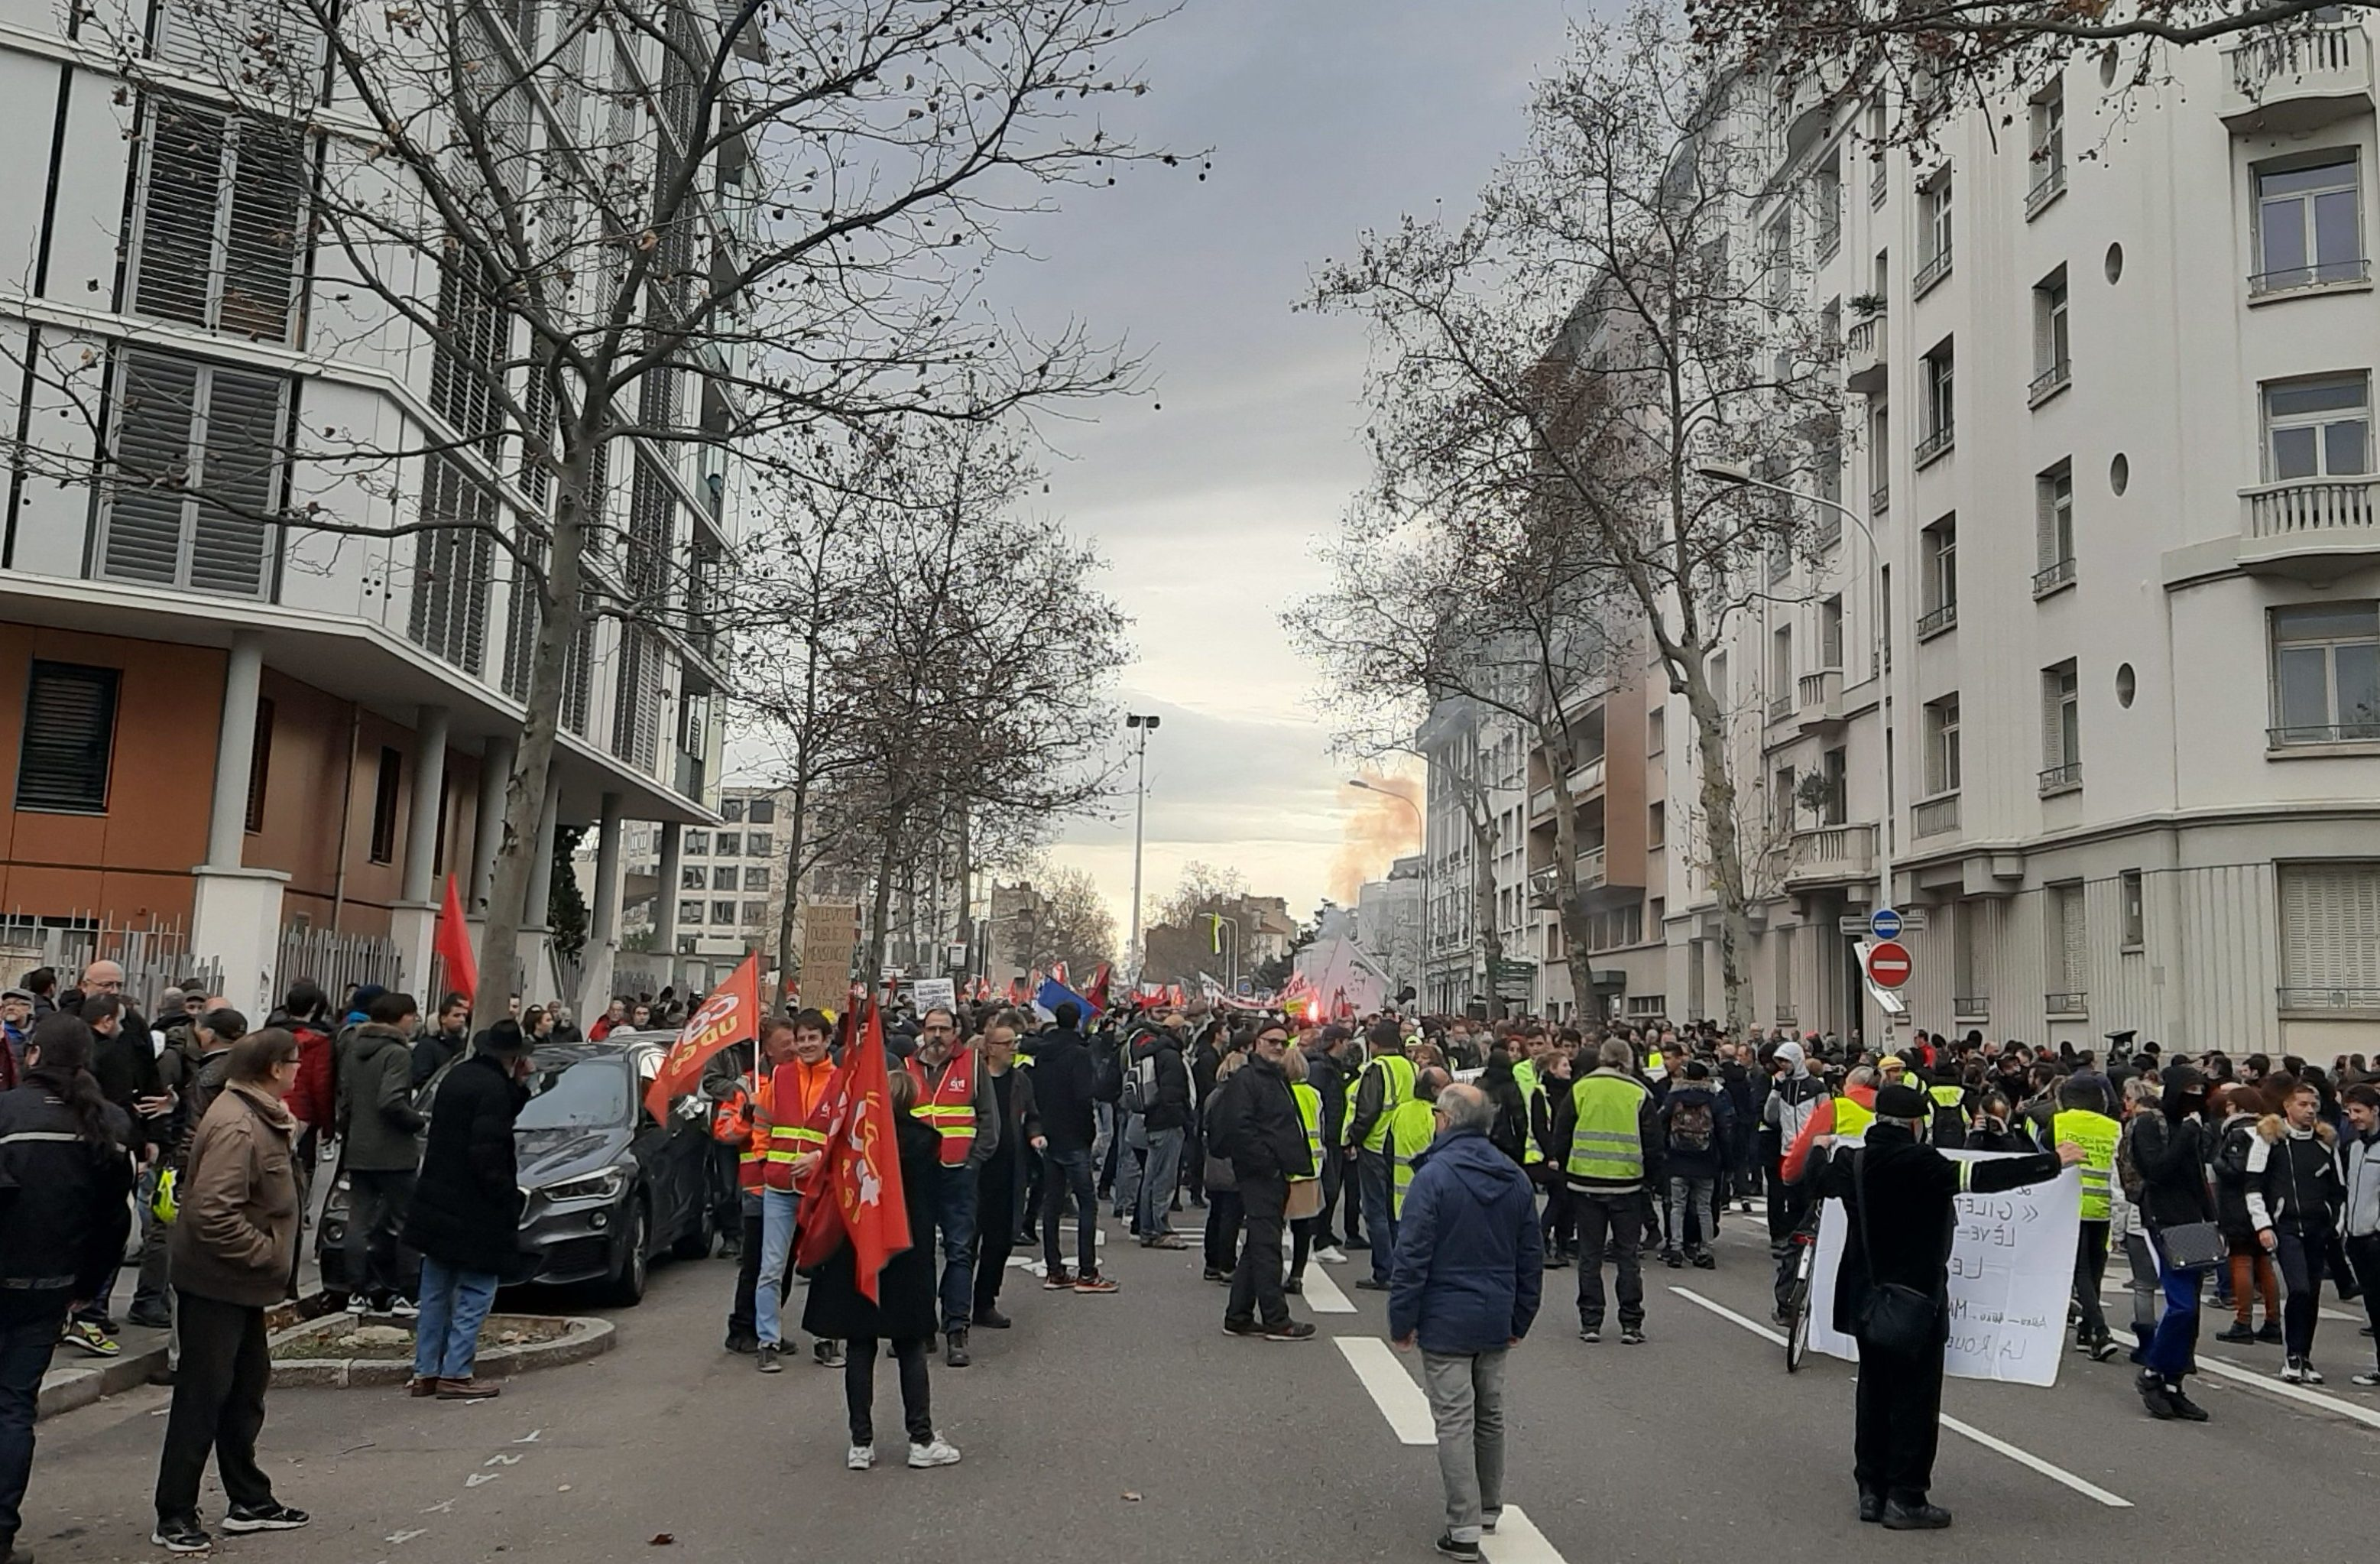 Réforme des retraites : 30 000 personnes dans les rues à Lyon